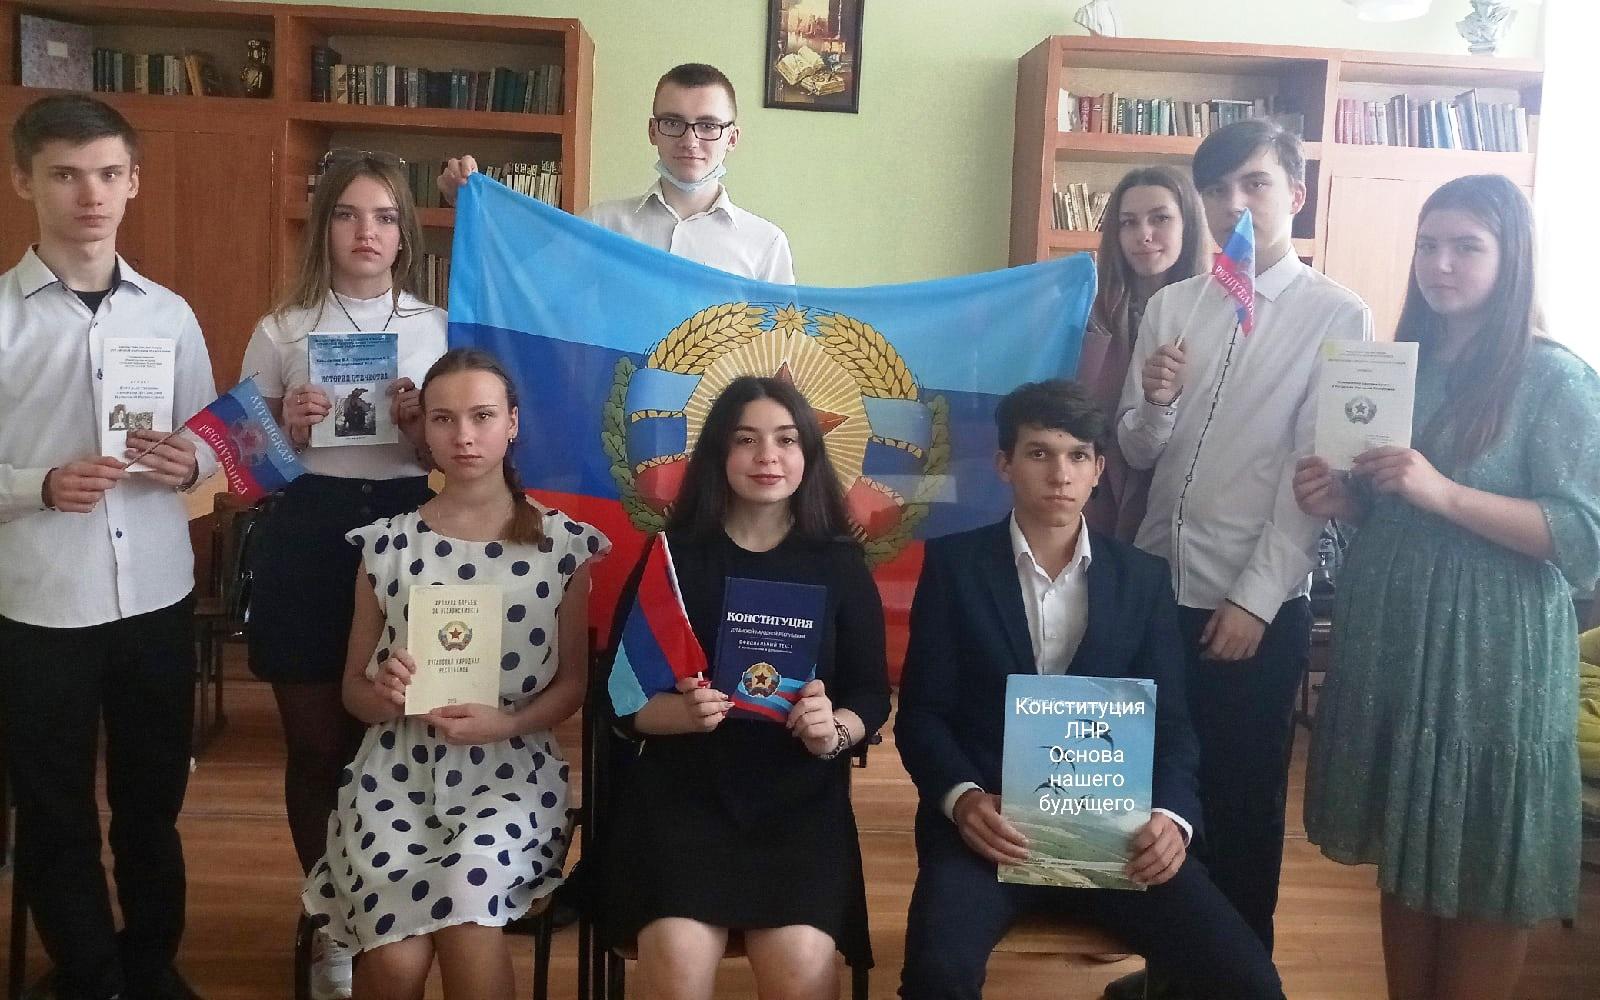 Исторический хронограф «Конституция Луганской Народной Республики»